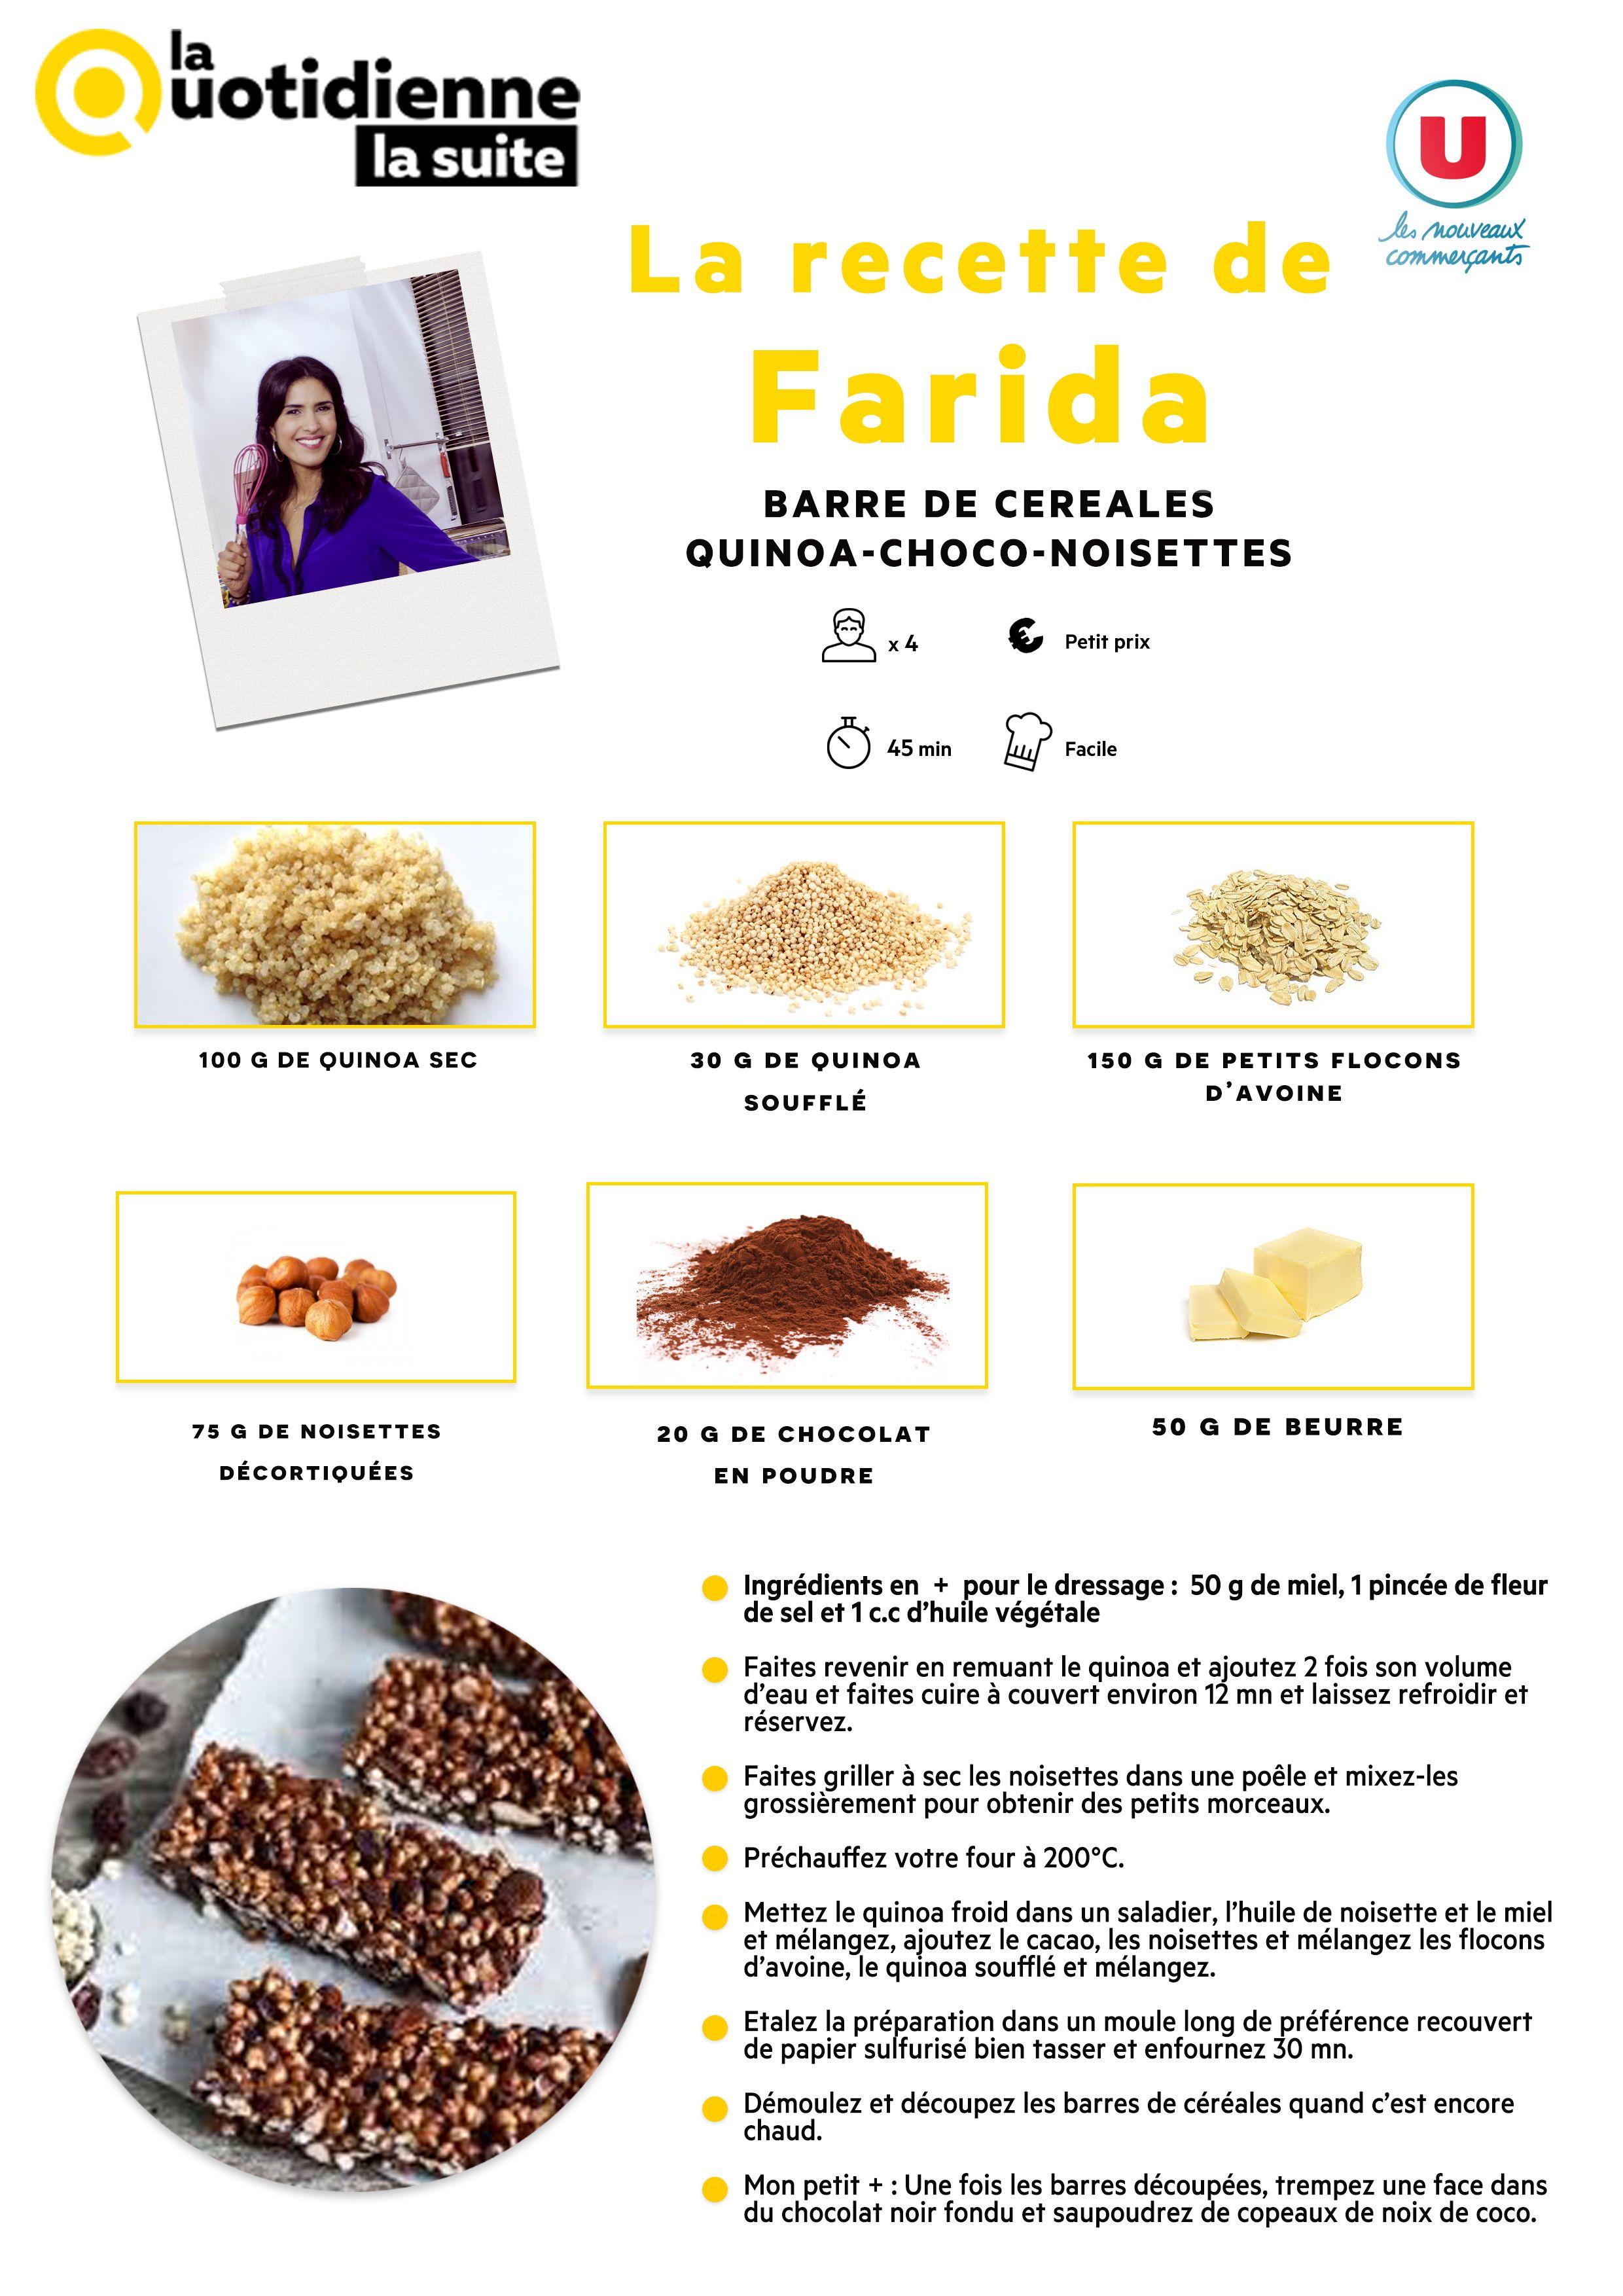 La quotidienne la suite recette de farida barre de for Cuisine quotidienne